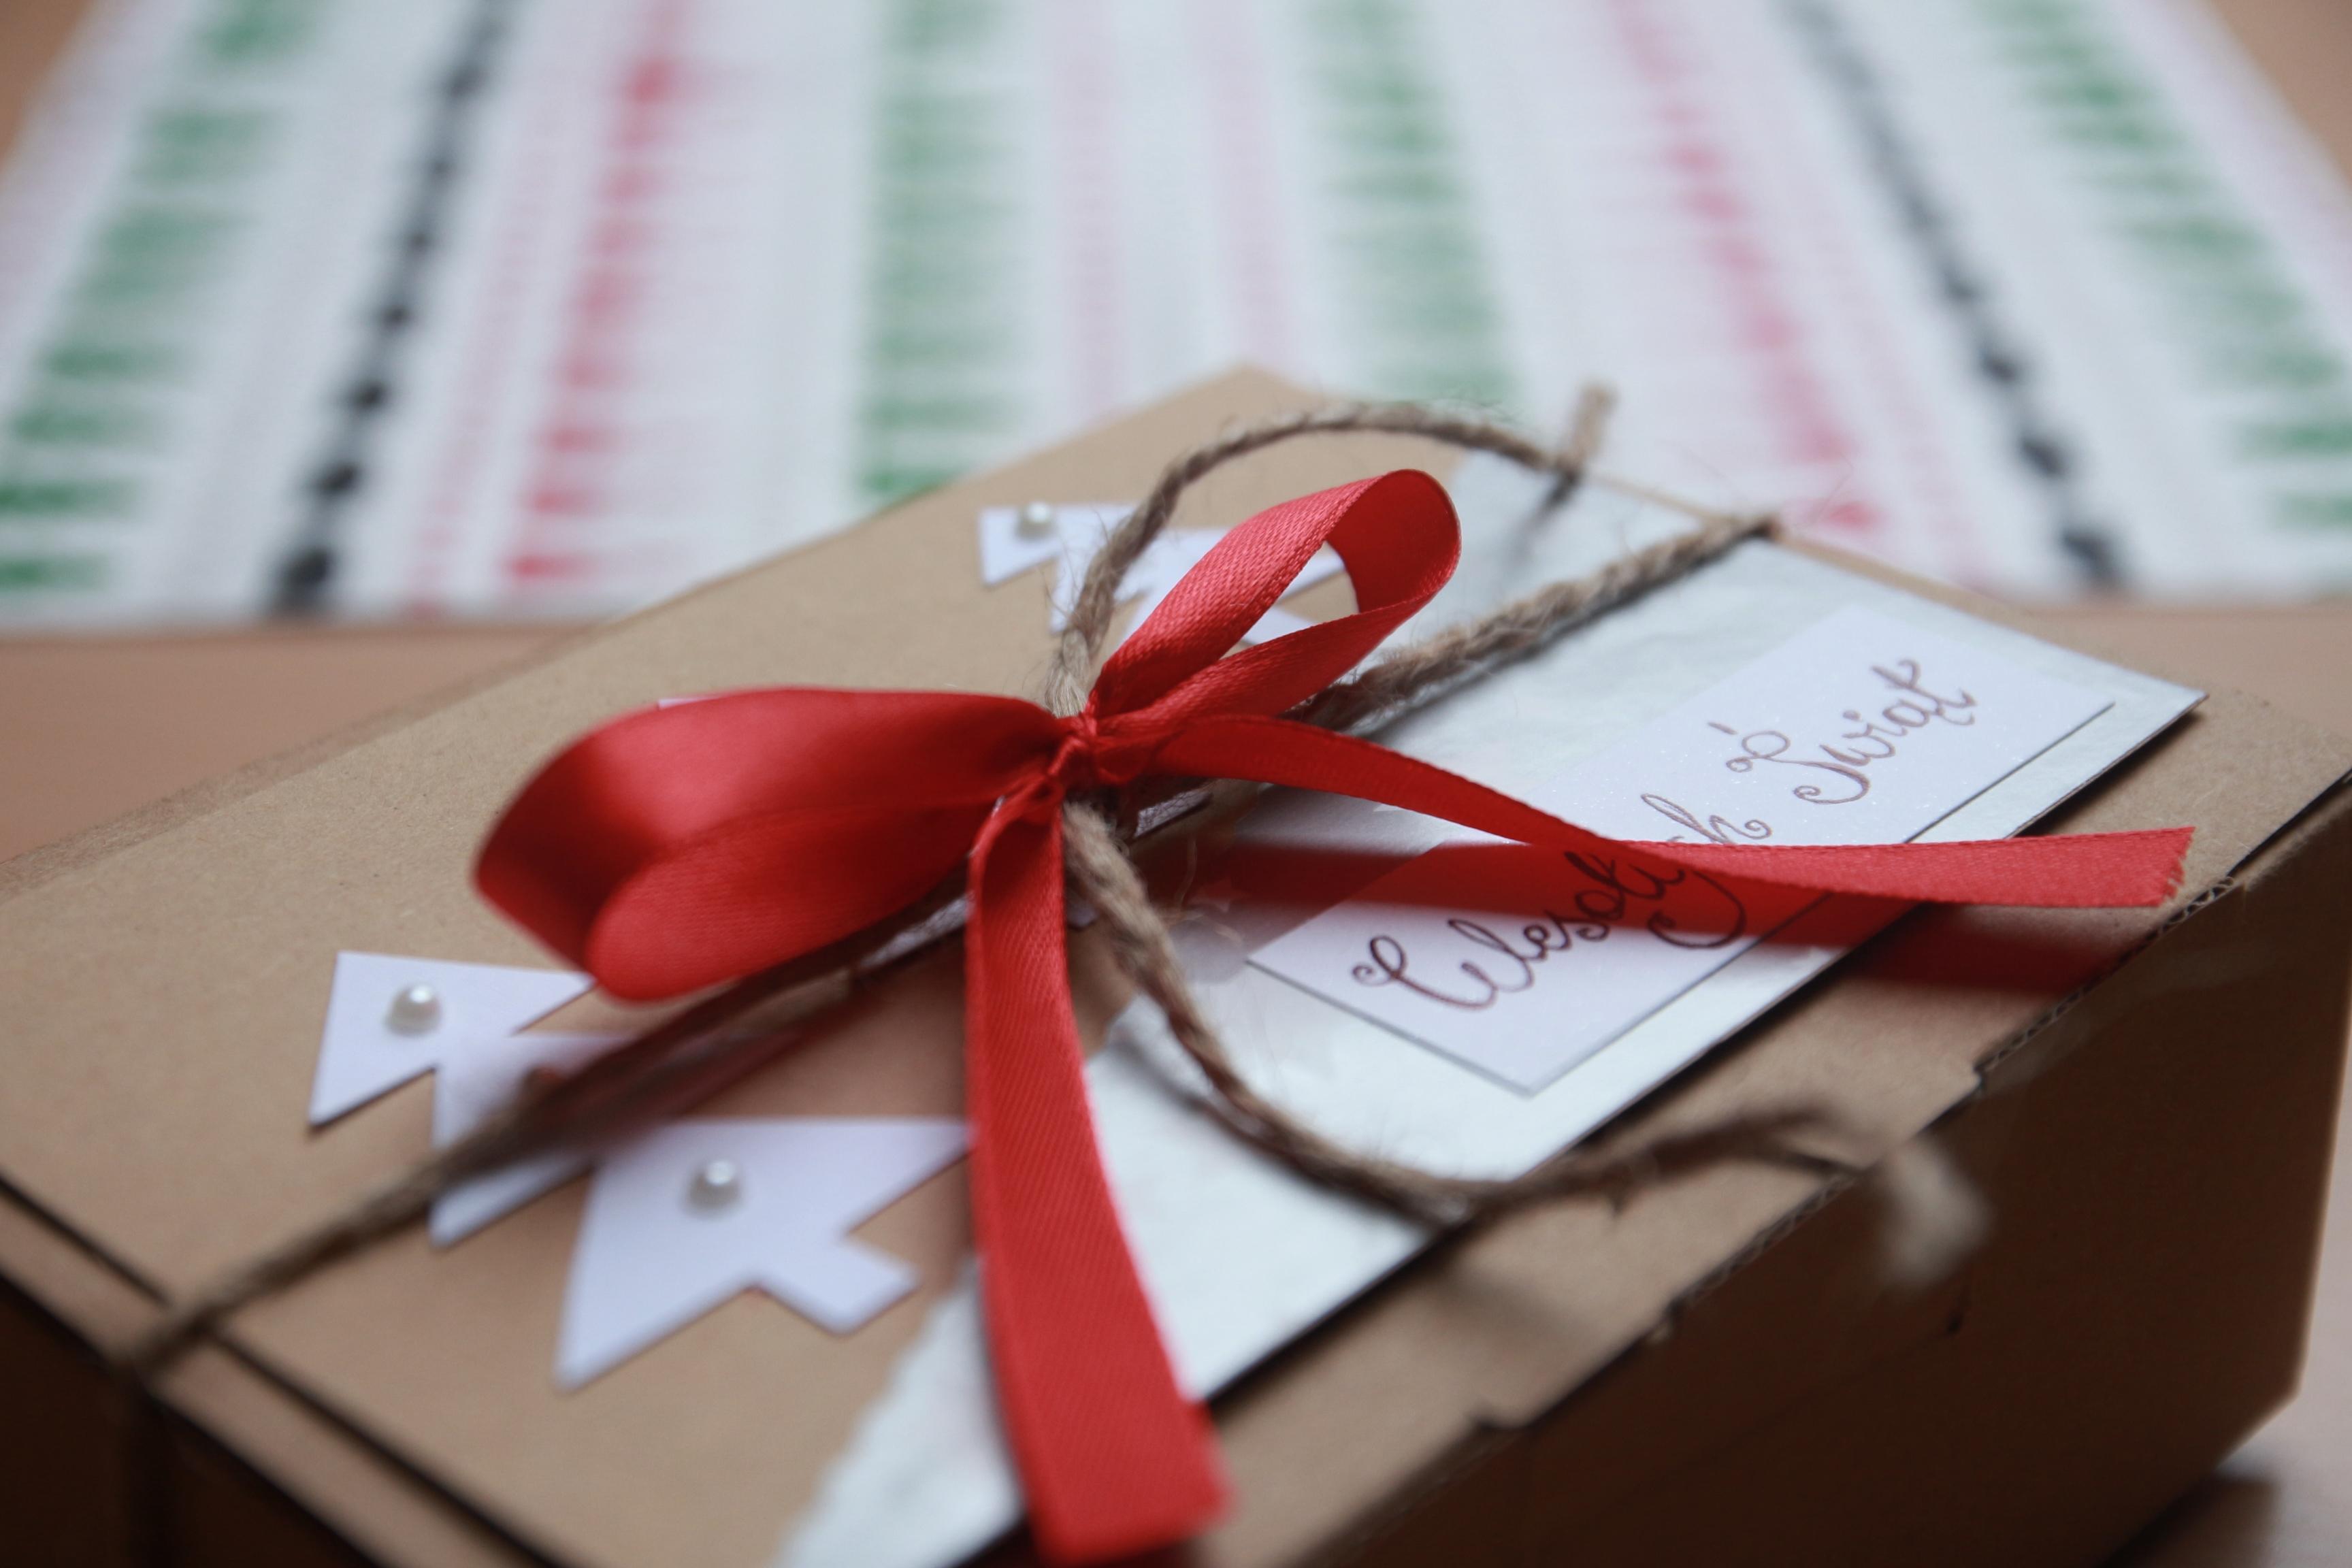 методах письма подарки картинки имеющуюся возможность